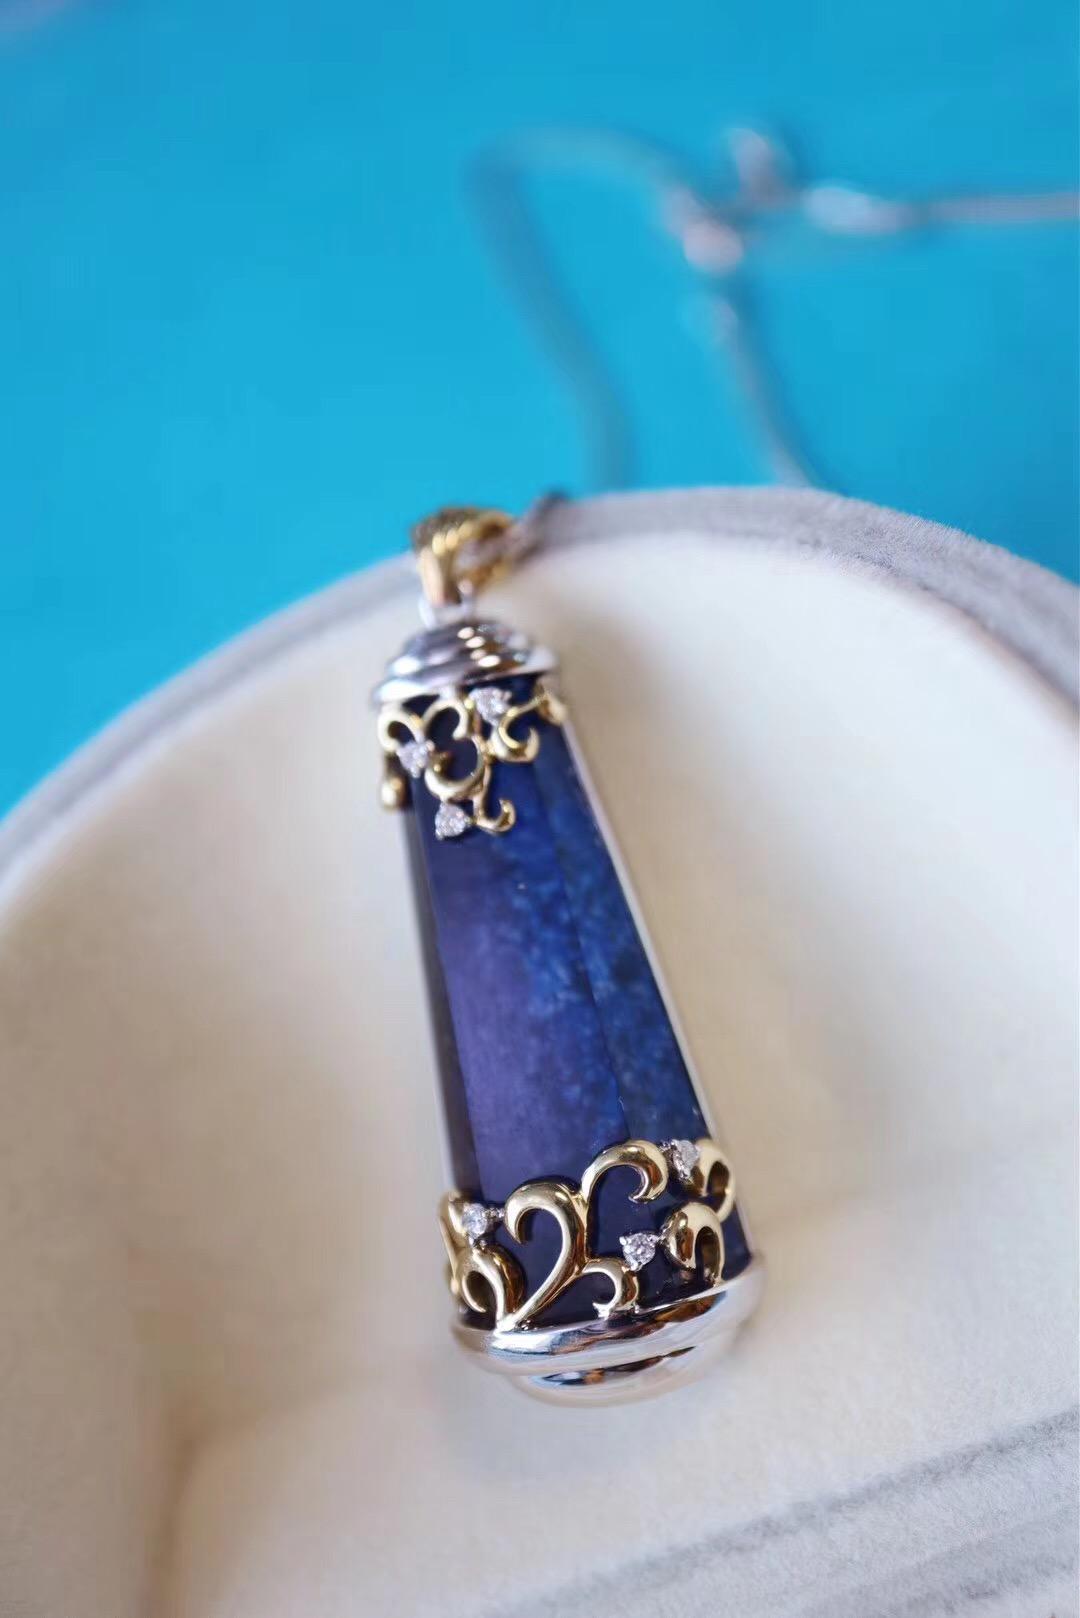 【蓝发晶】天然蓝发晶,极稀有的一种晶石-菩心晶舍